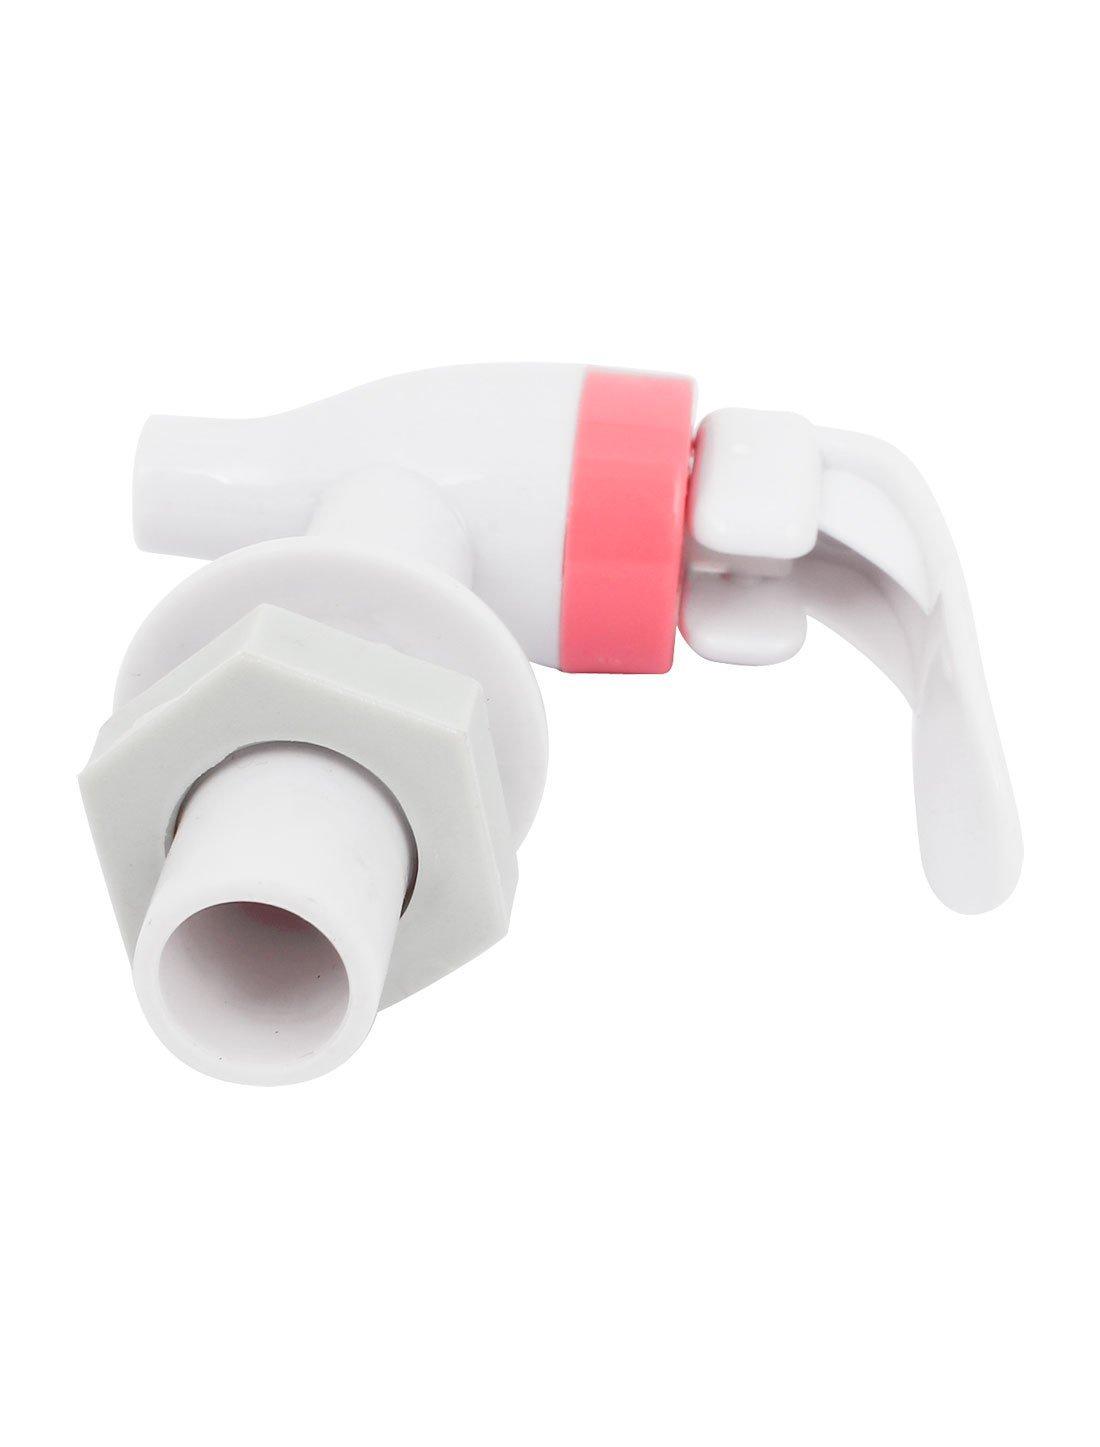 Amazon.com: Plastic Water Dispenser 11 milímetros Feminino Tópico Empurre Tipo torneira Toque Branco: Home Improvement